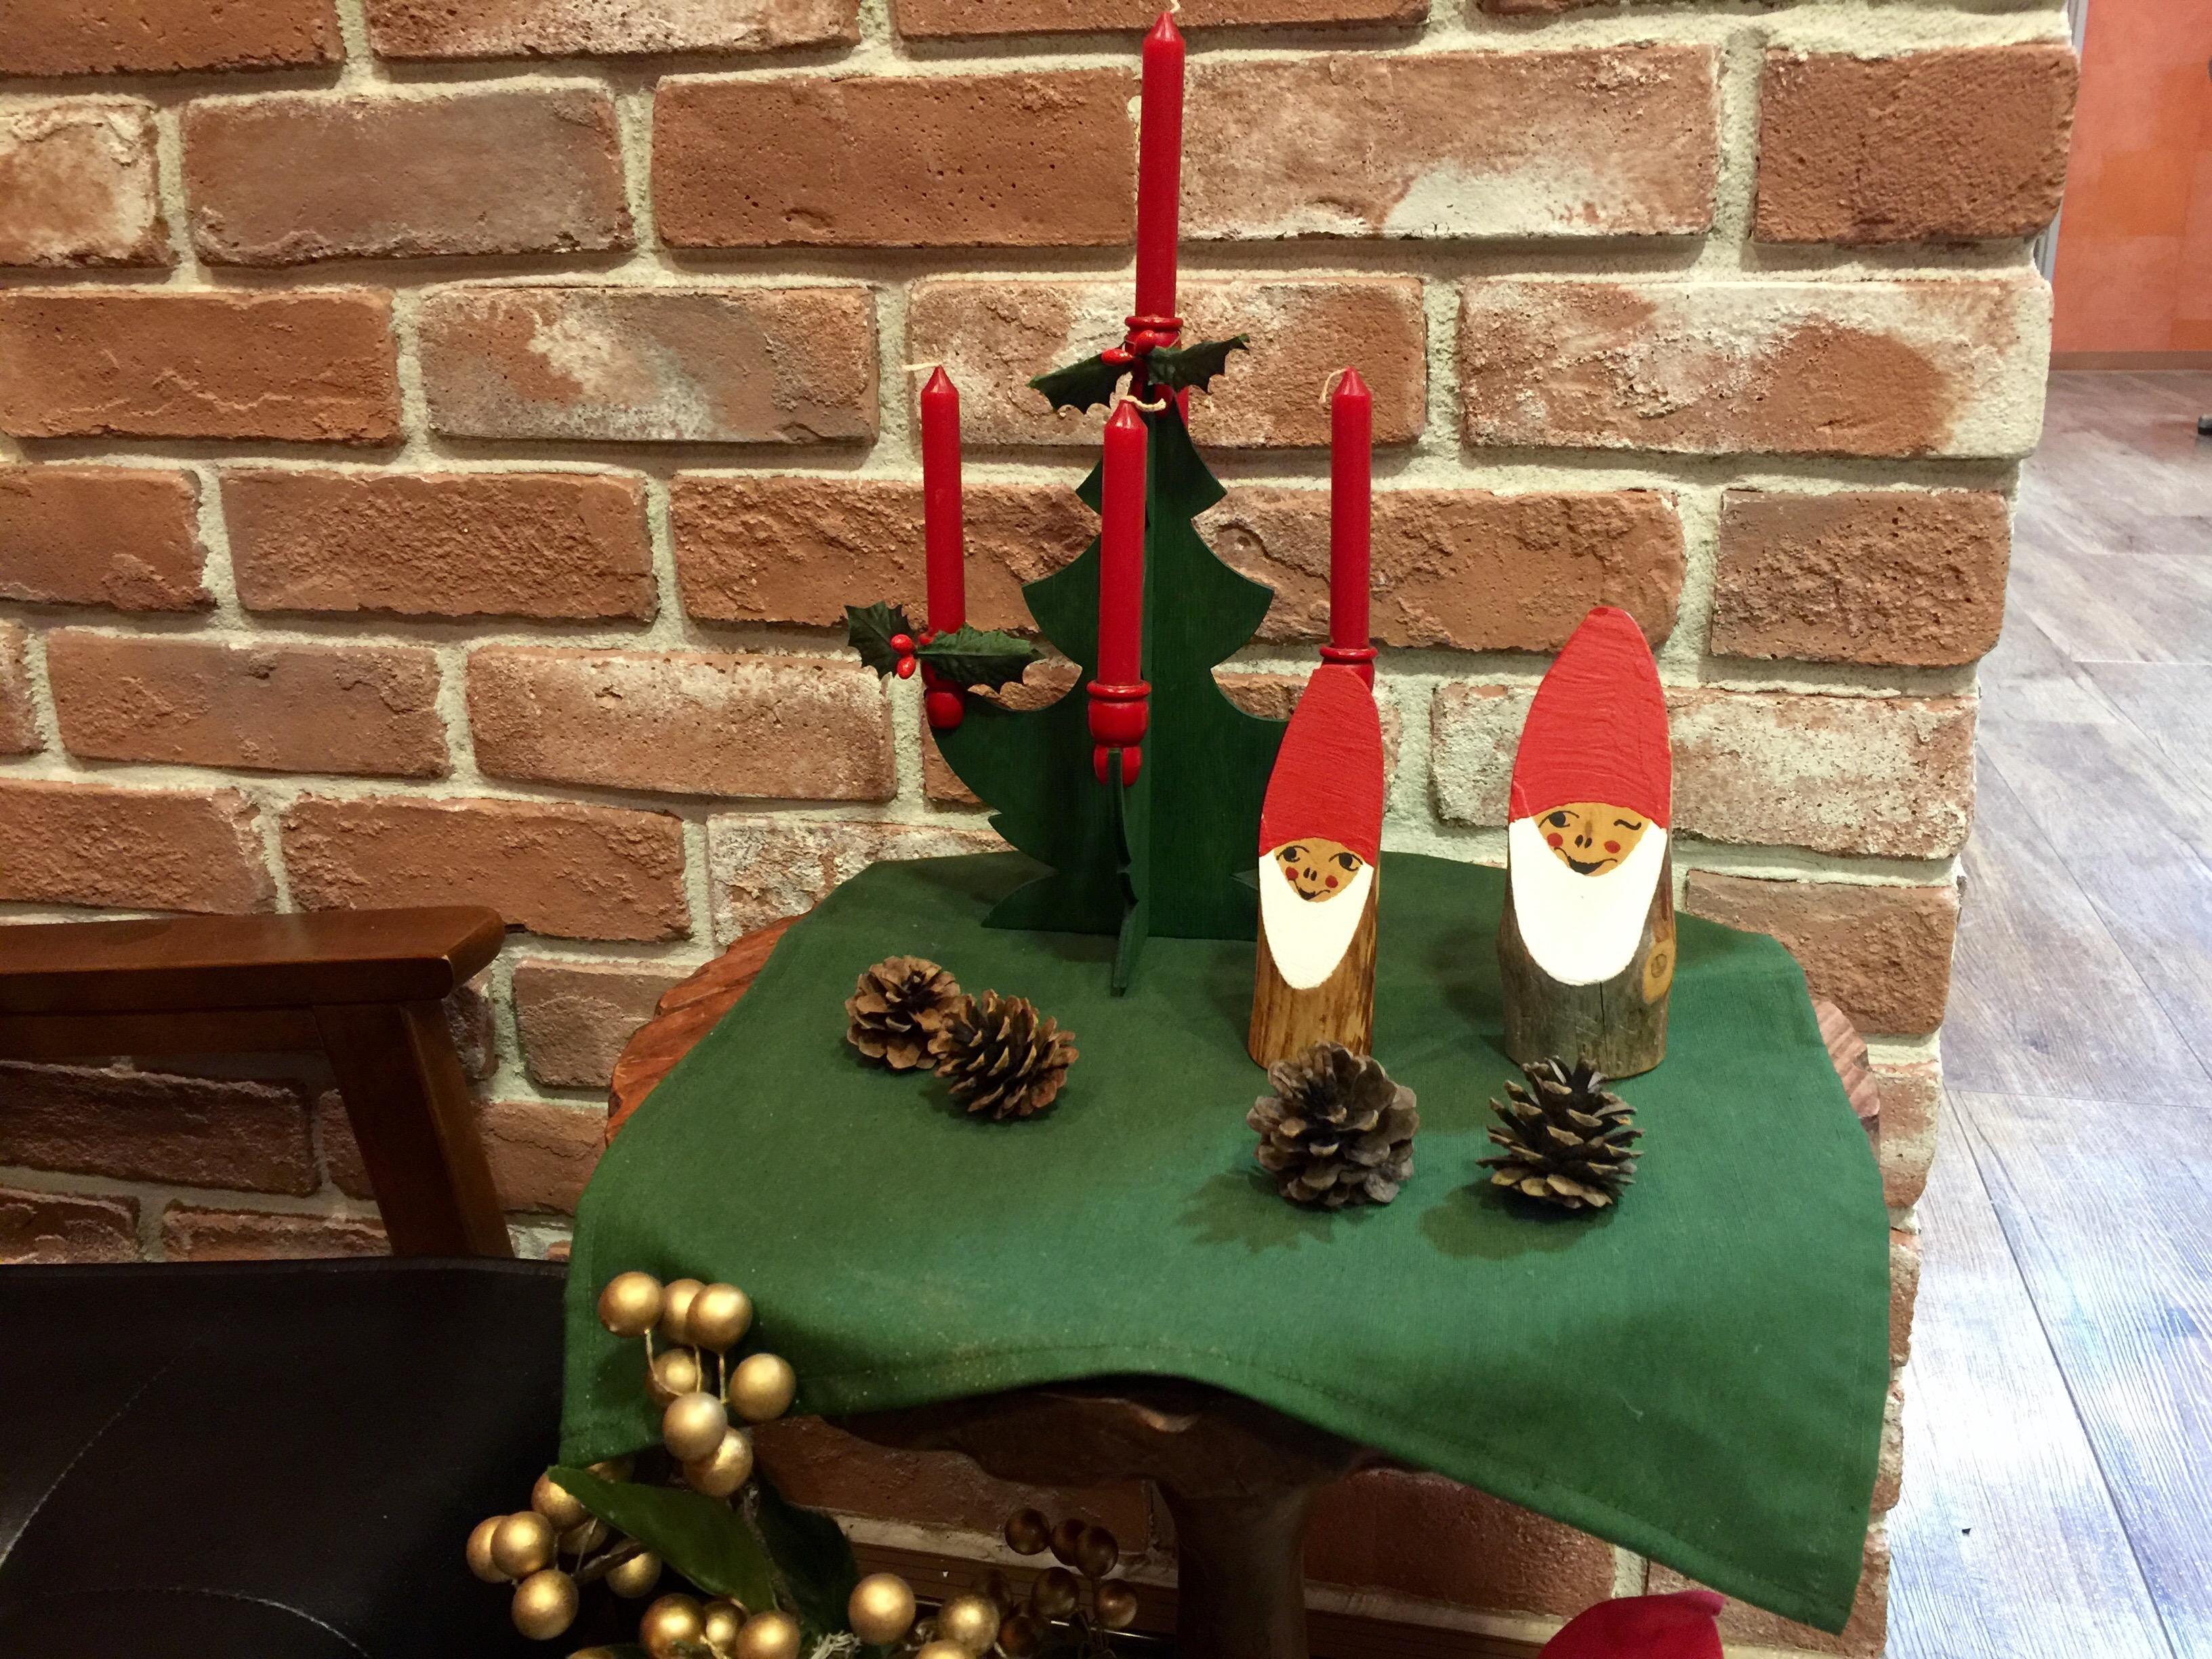 クリスマスまで1ヶ月!サロンがクリスマスバージョンに